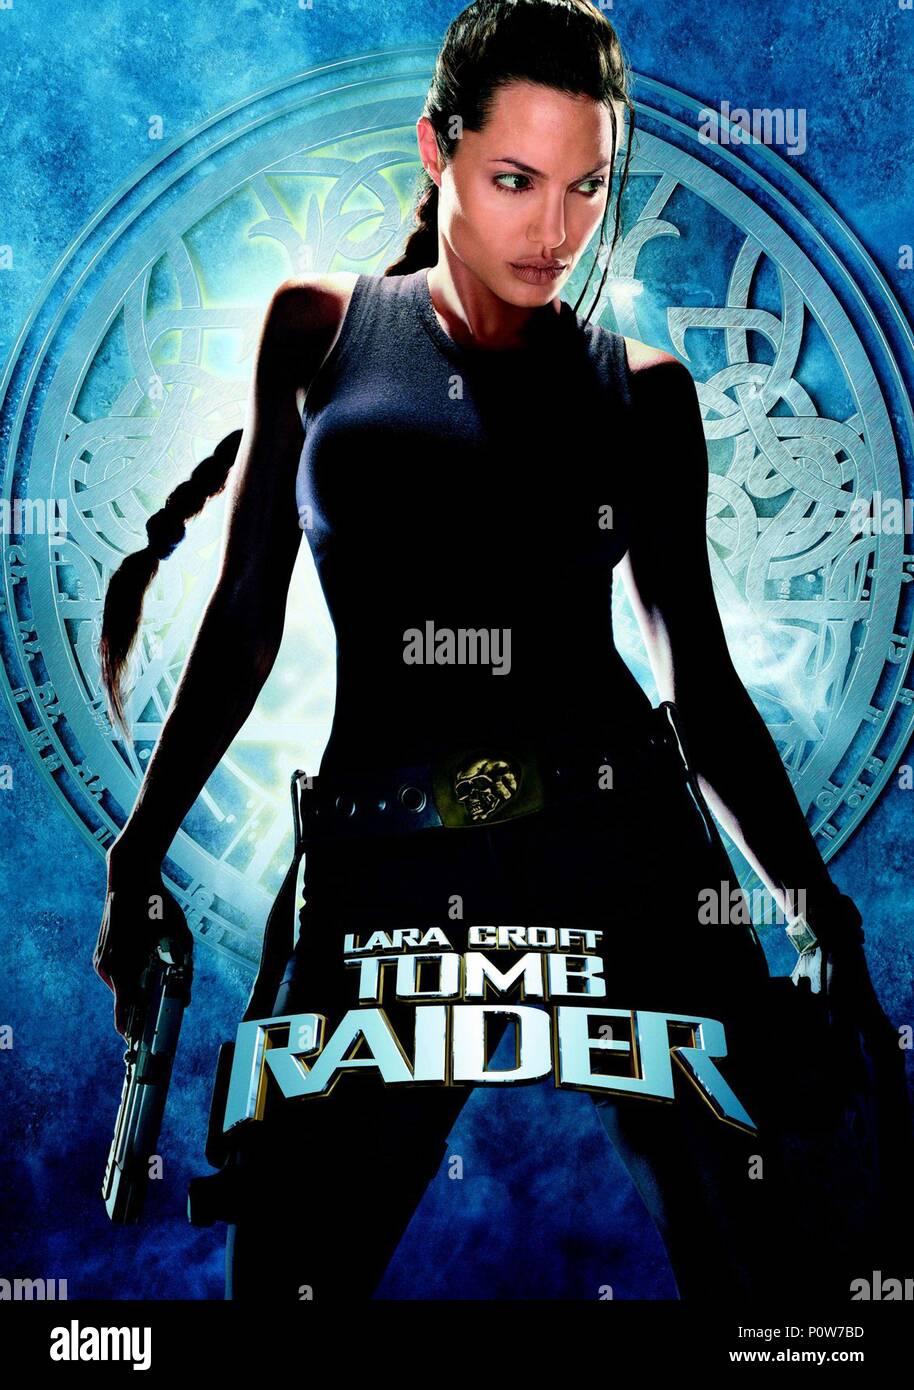 Original Film Title: LARA CROFT: TOMB RAIDER.  English Title: LARA CROFT: TOMB RAIDER.  Film Director: SIMON WEST.  Year: 2001. Credit: PARAMOUNT PICTURES / Album - Stock Image